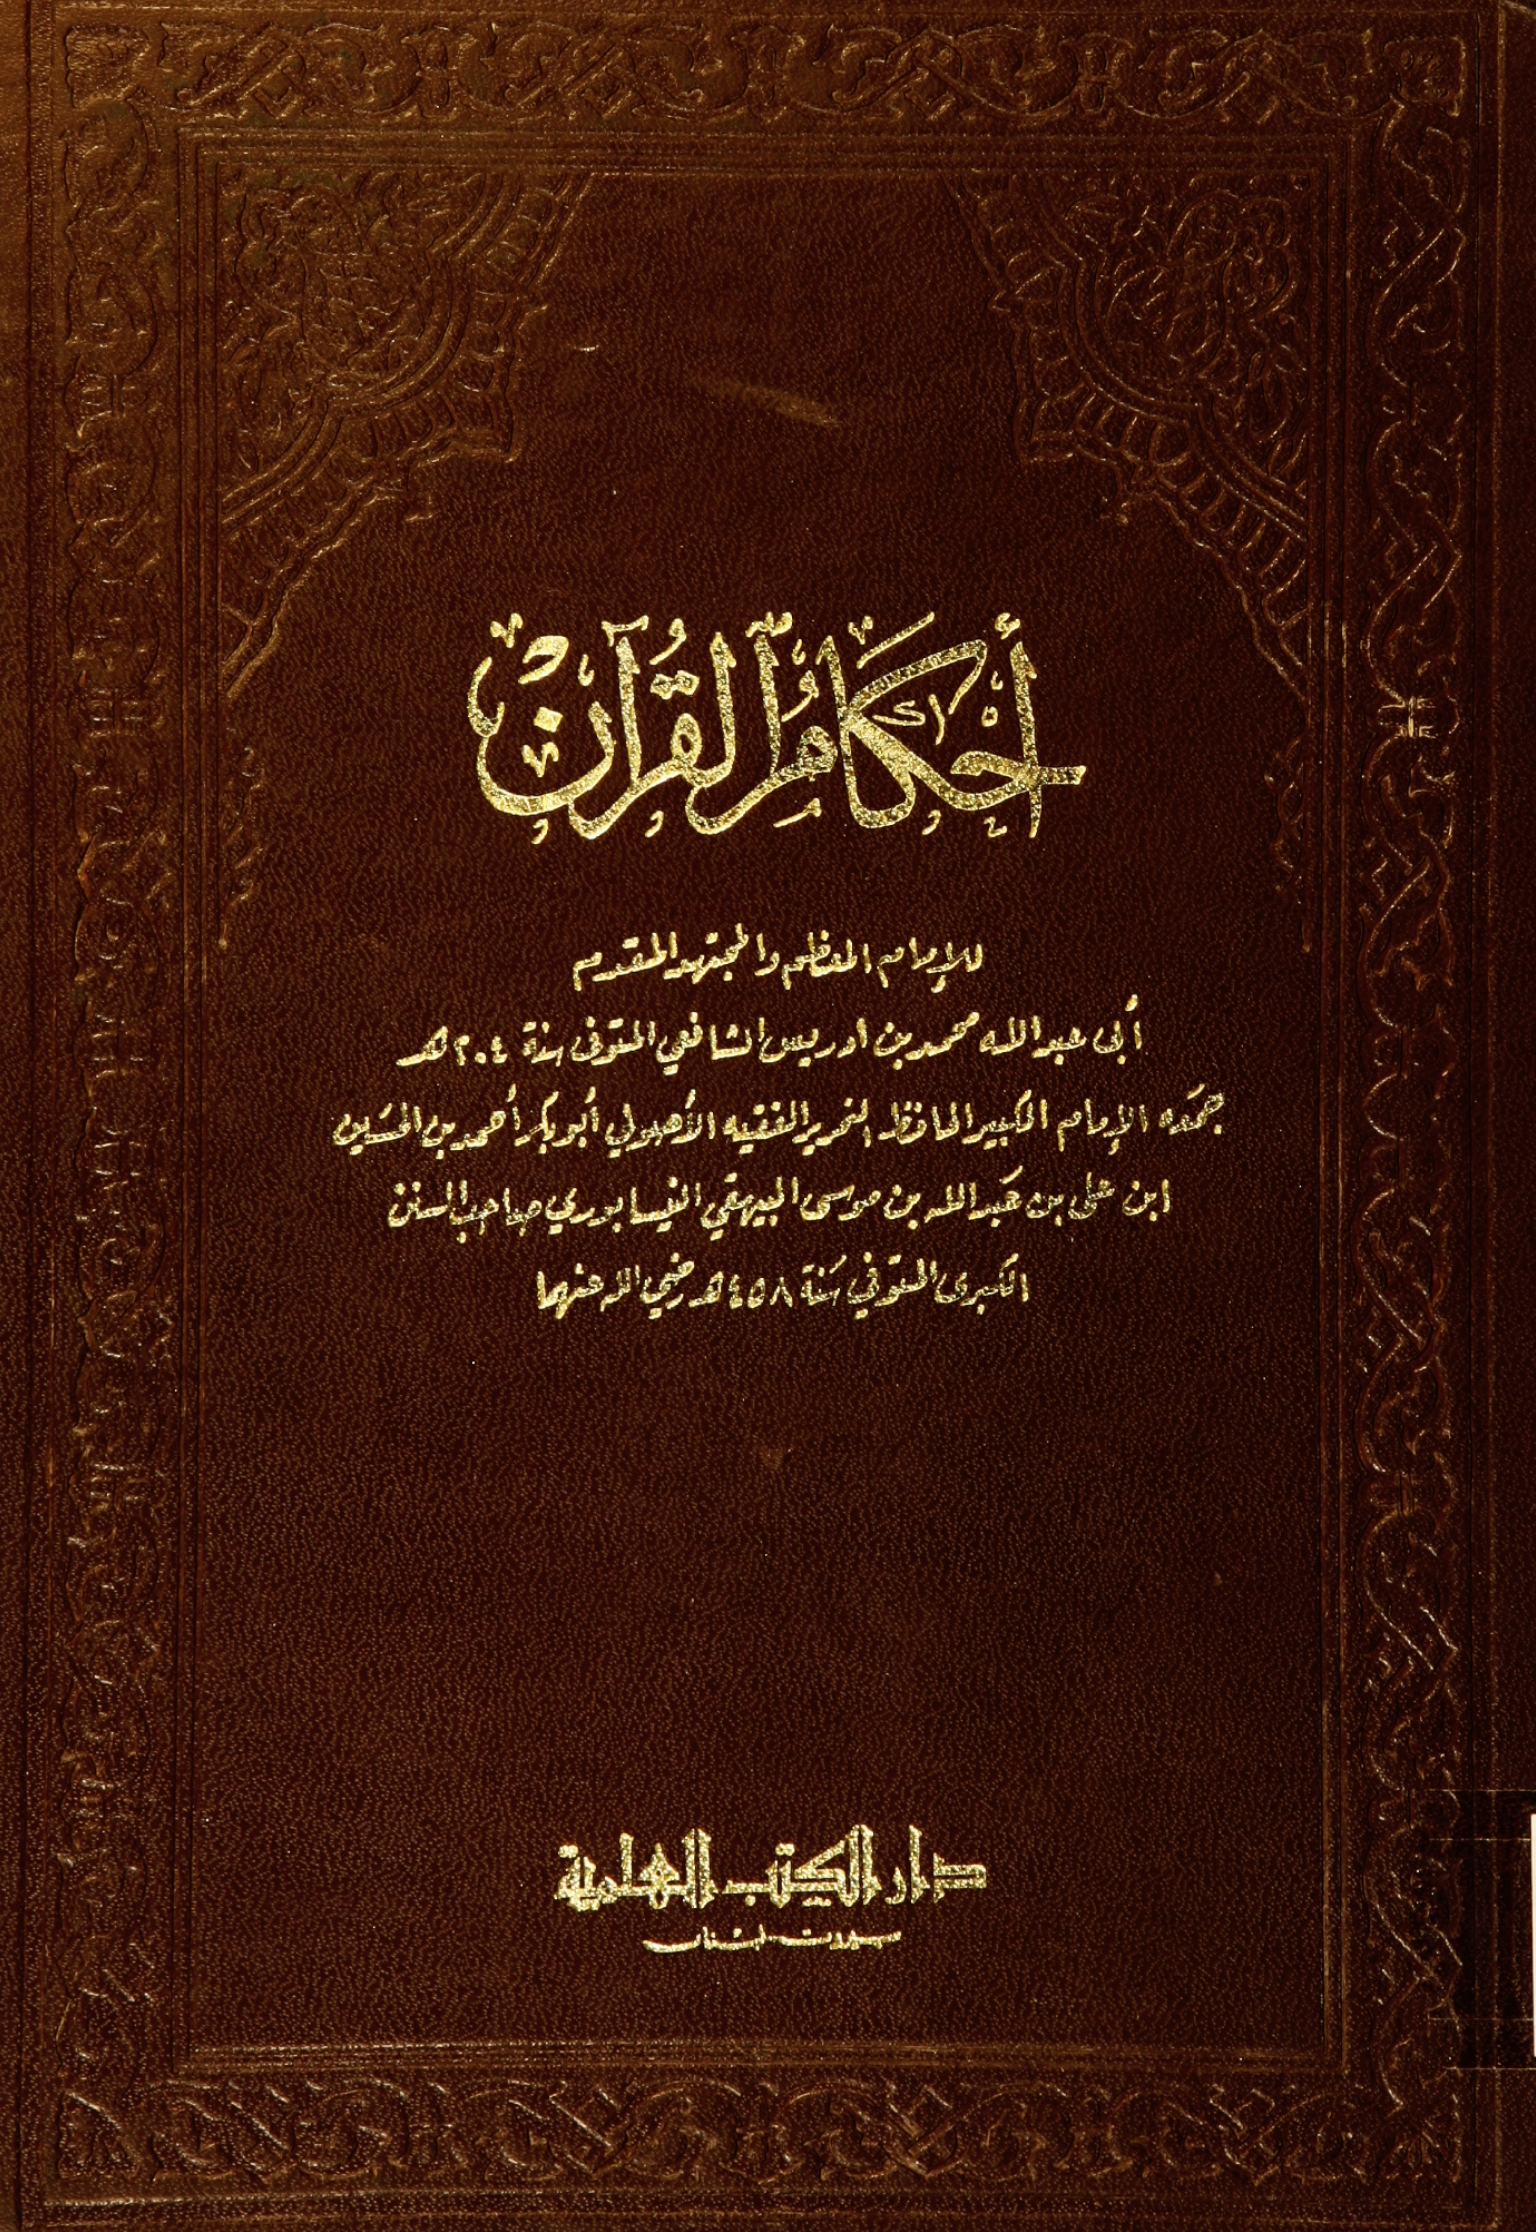 تحميل كتاب أحكام القرآن (الشافعي) لـِ: الإمام أبو عبد الله محمد بن إدريس المطلبي الشافعي (ت 204)